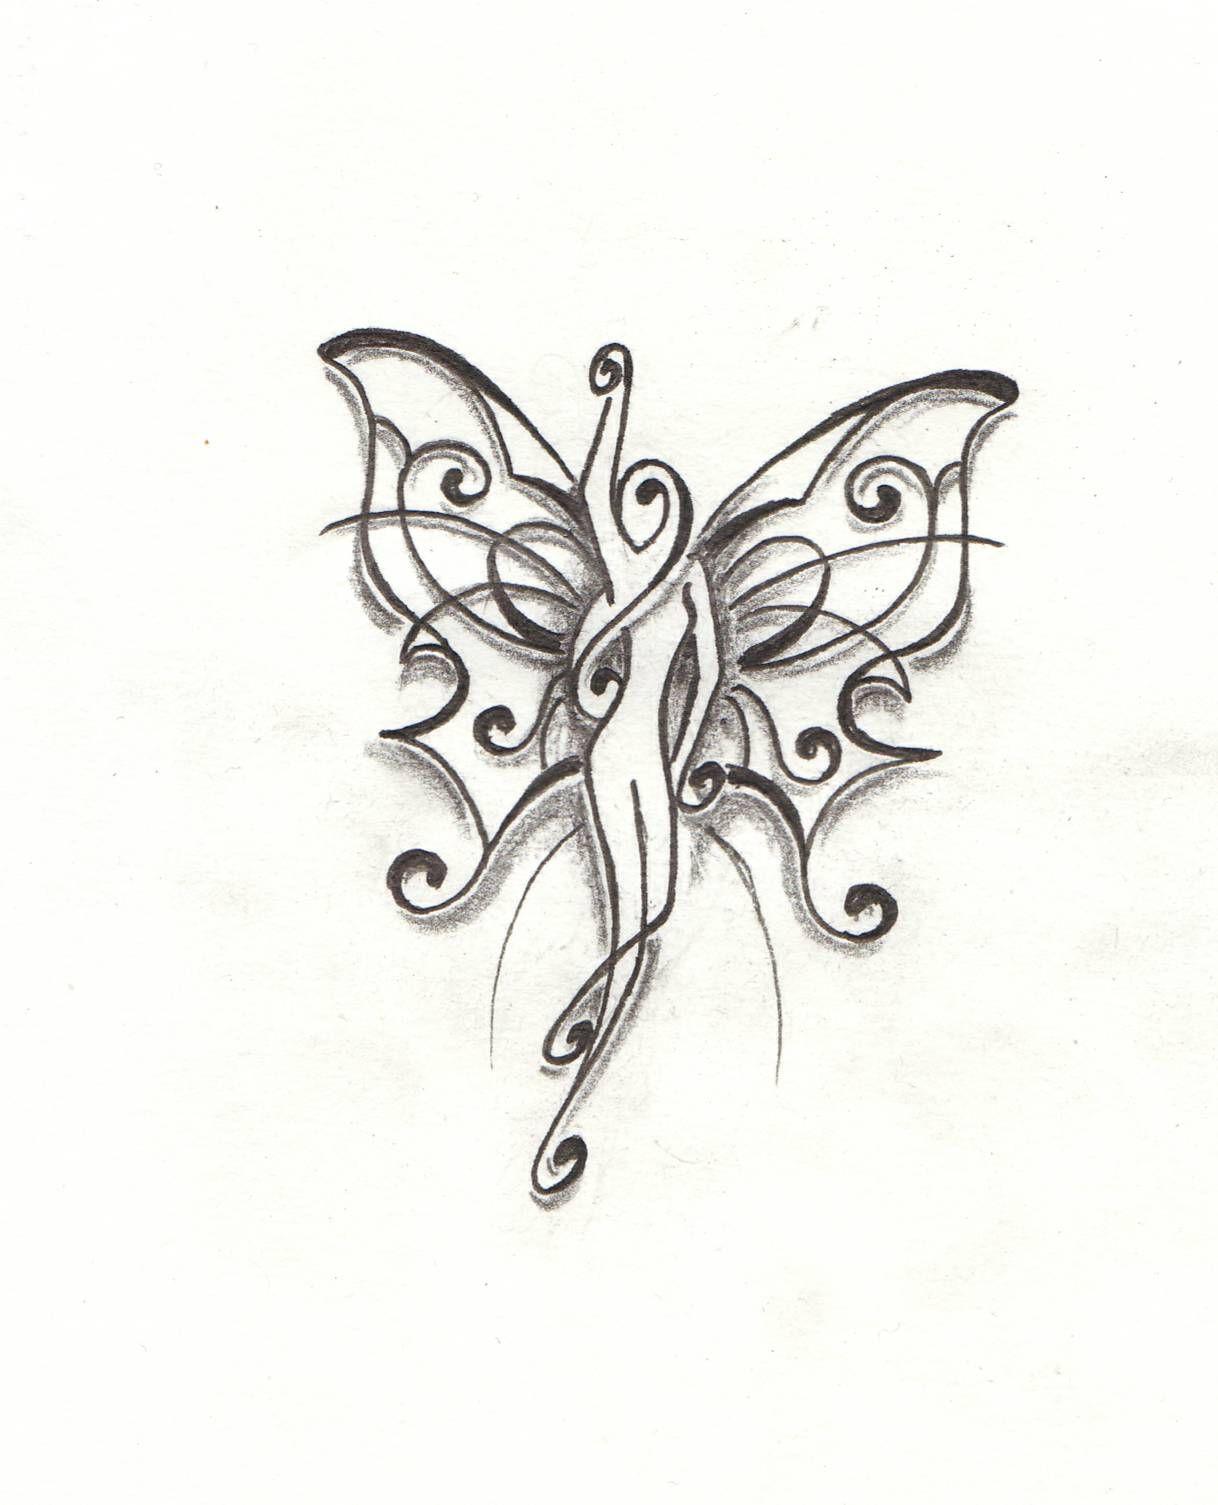 Mod le tatouage page 15 tattoocompris bonnes id es tatouage tatouage papillon et - Dessin de fee en noir et blanc ...